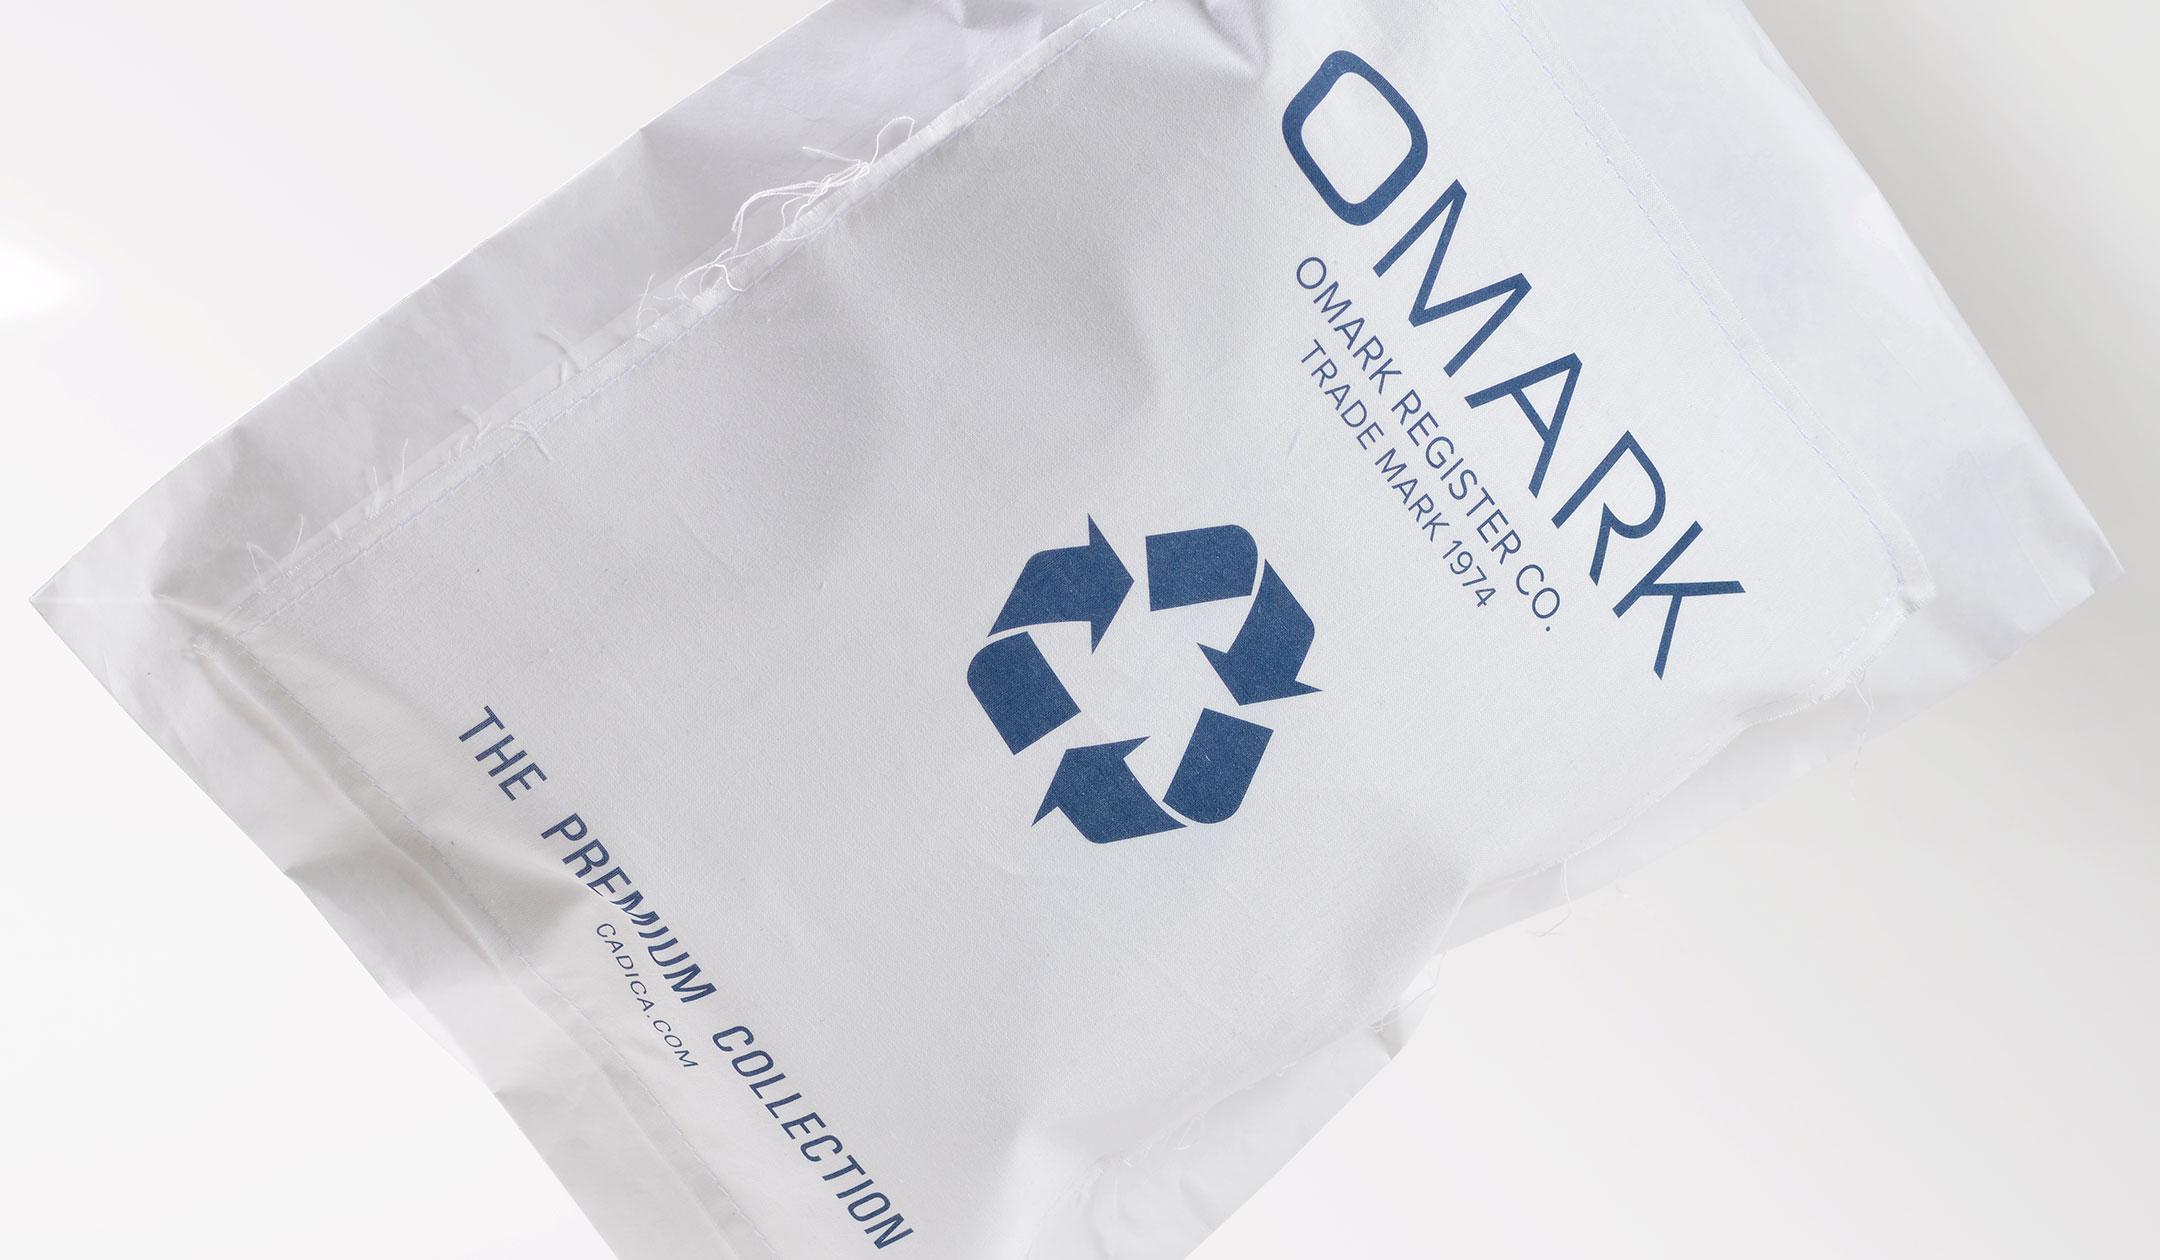 Cadica_packaging_omark